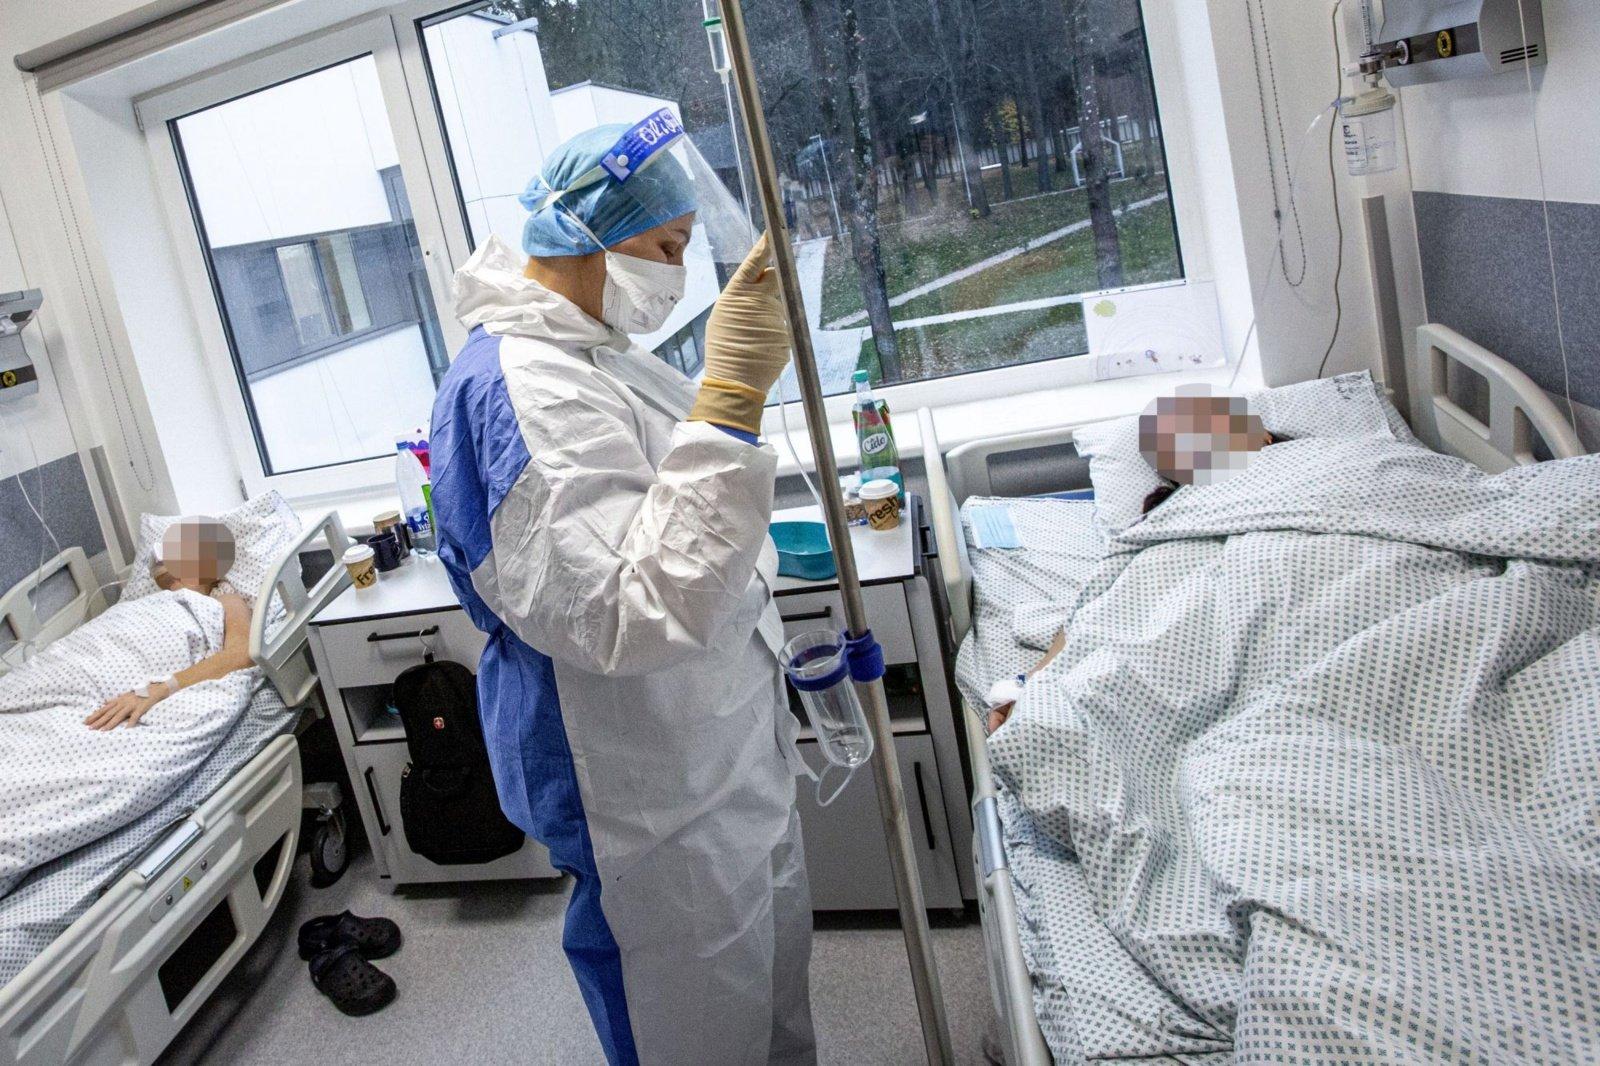 Lapkritį stipriai išaugo dėl COVID-19 hospitalizuojamų asmenų skaičiai ir mirštamumas